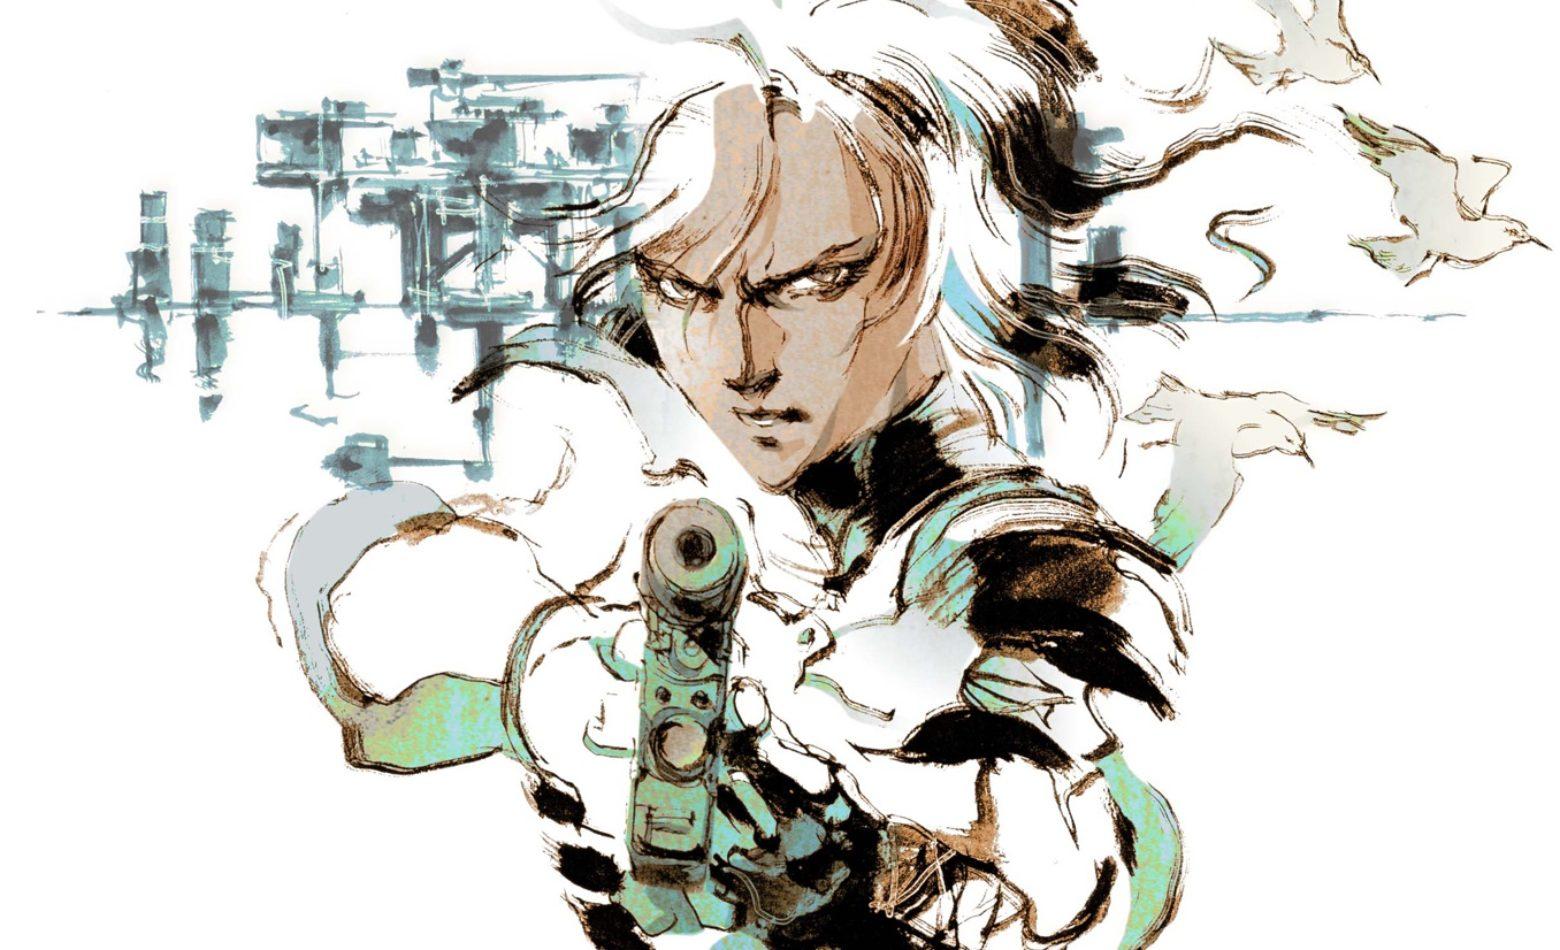 Gameplay: a trama fica mais complexa em Metal Gear Solid 2